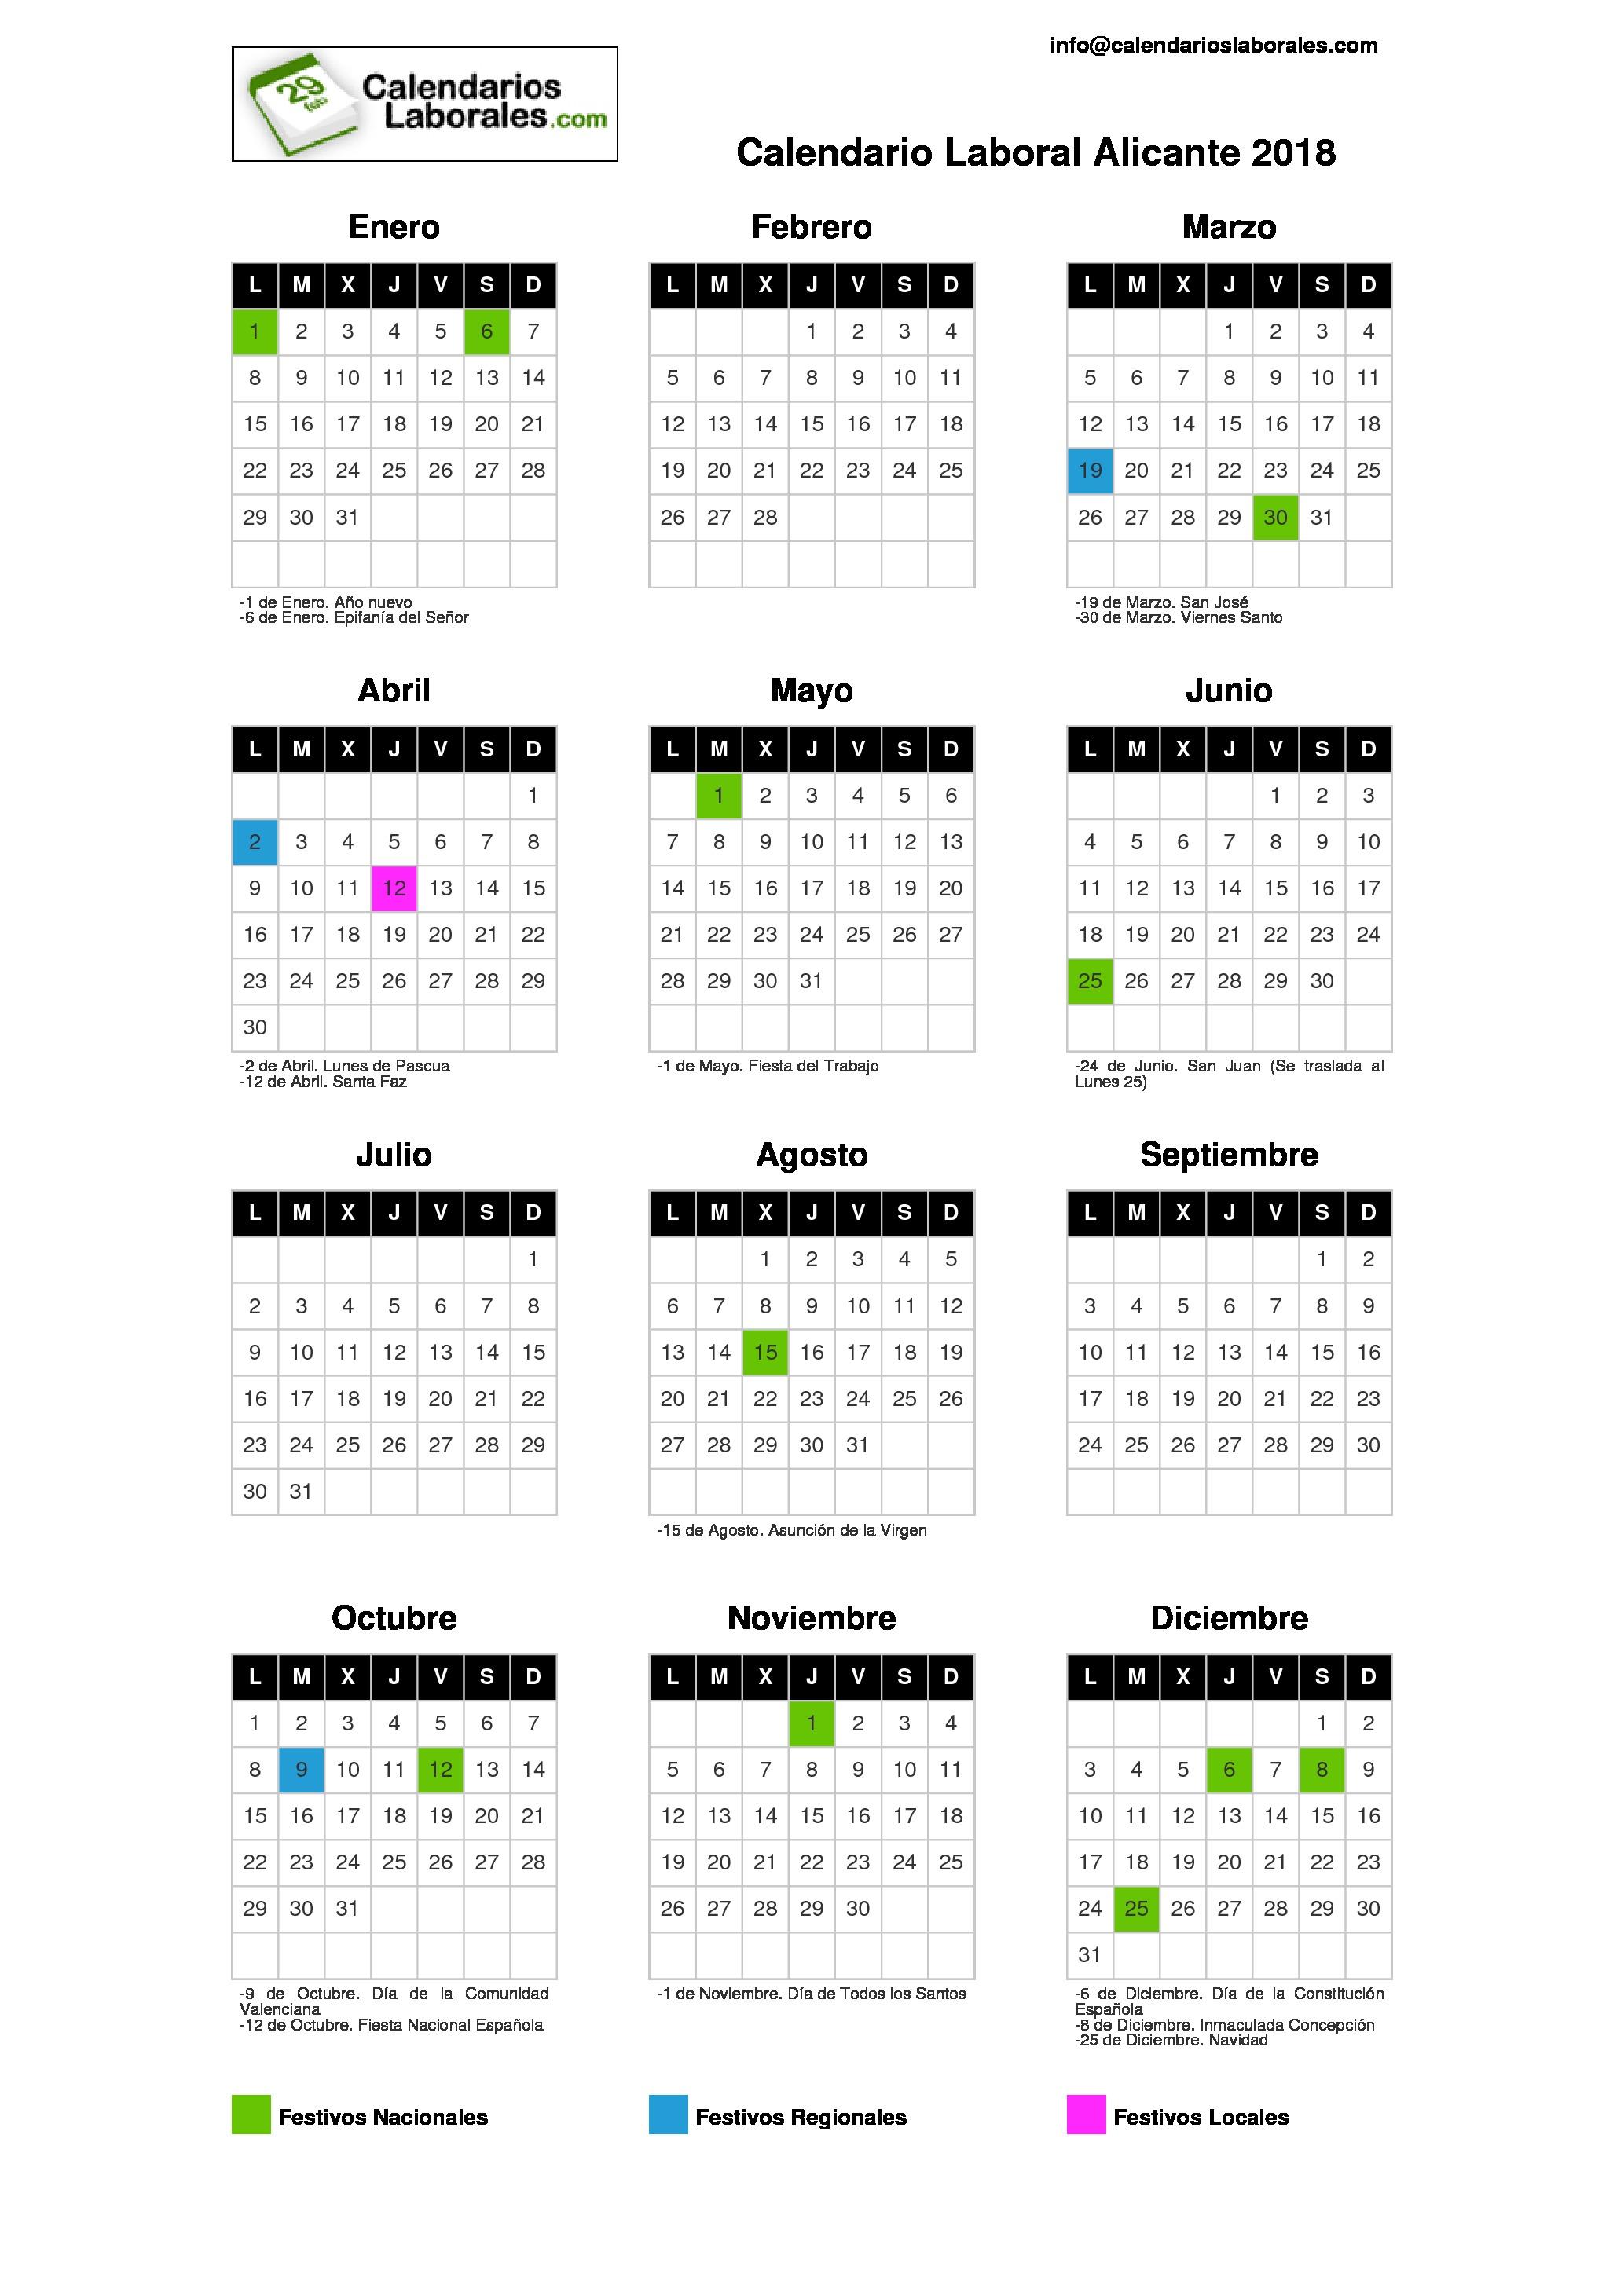 Calendario Laboral 2018 Zaragoza